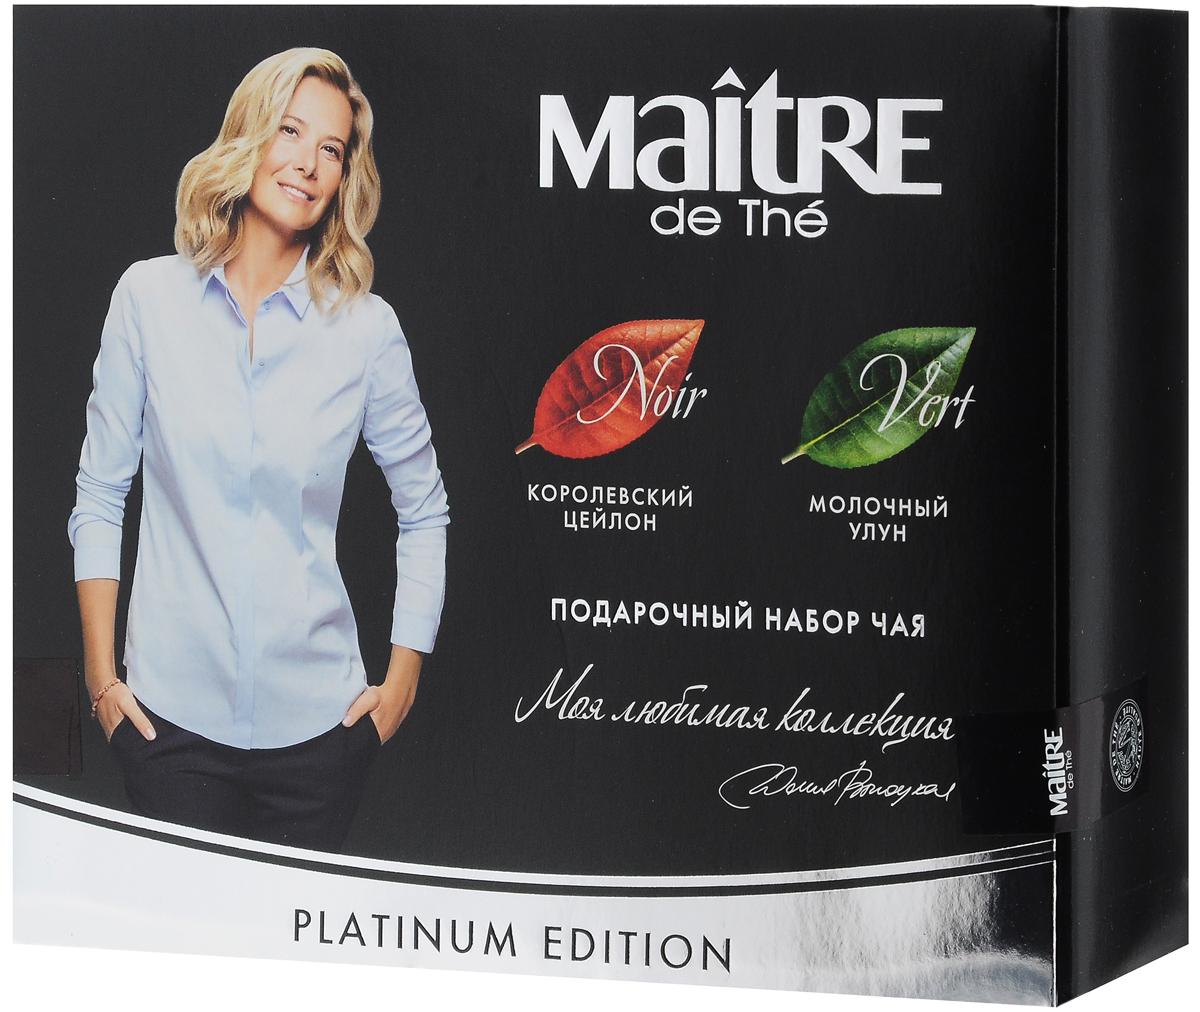 Maitre Platinum Edition подарочный чайный набор: черный и зеленый листовой чай, 60 г (2 х 30 г)бай012Подарочный набор Maitre Platinum Edition включает два вида листового чая в индивидуальных упаковках: черный чай Королевский Цейлон и зеленый чай Молочный Улун. Уважаемые клиенты! Обращаем ваше внимание, что полный перечень состава продукта представлен на дополнительном изображении.